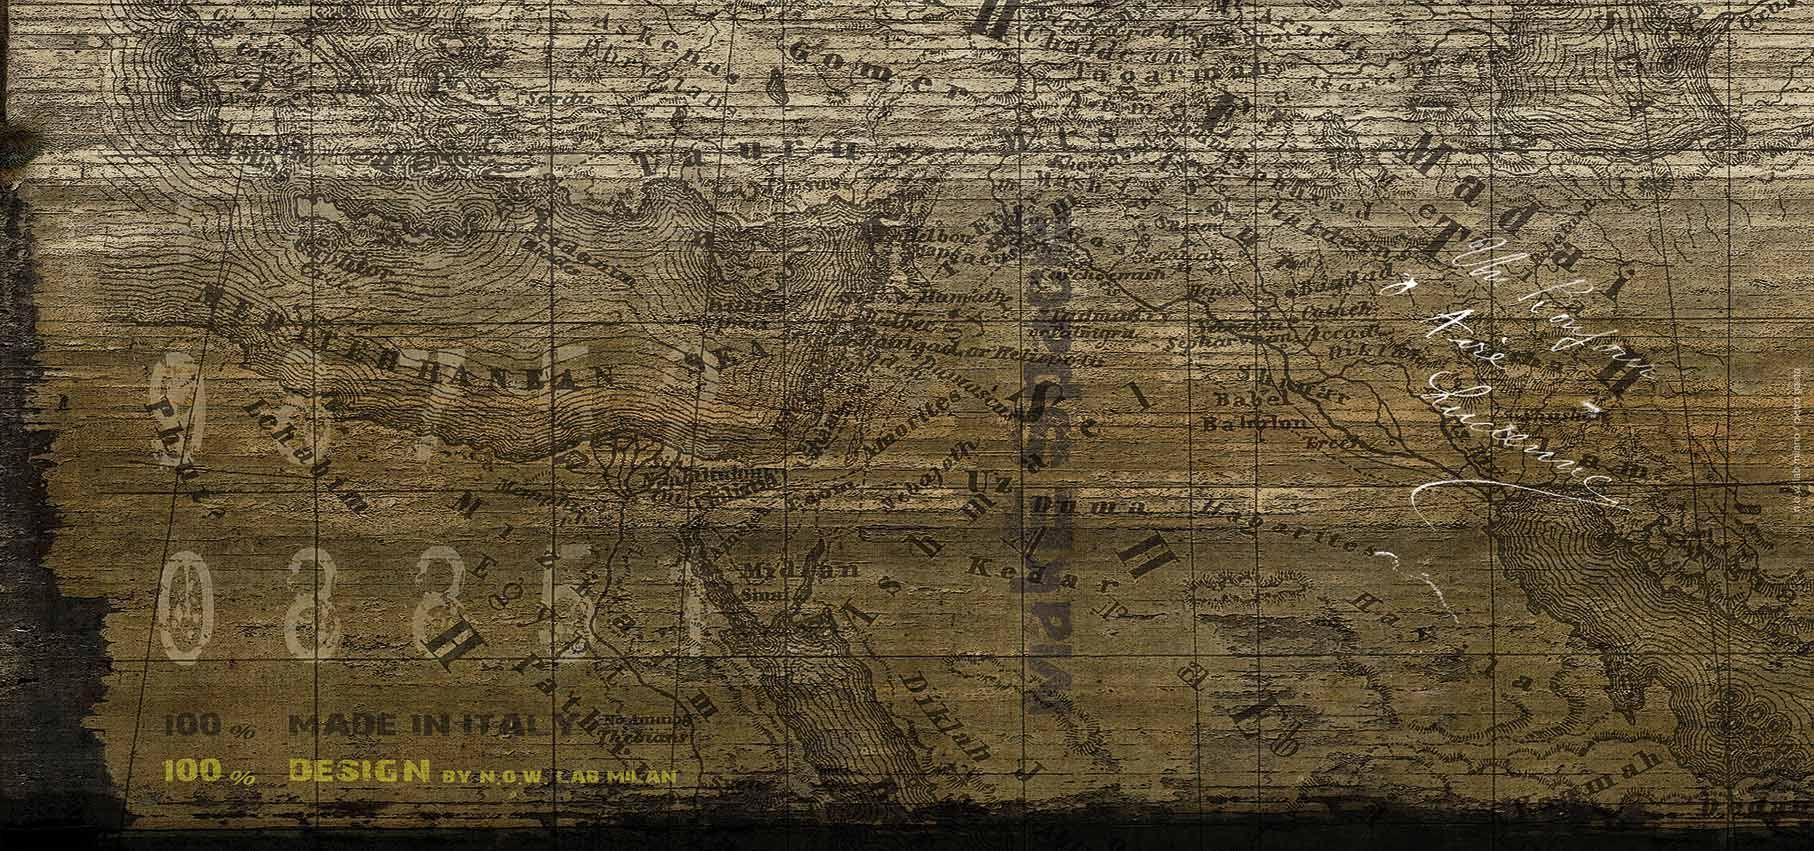 Carta da parati panoramica con scritte map by n o w edizioni for Carta da parati con scritte